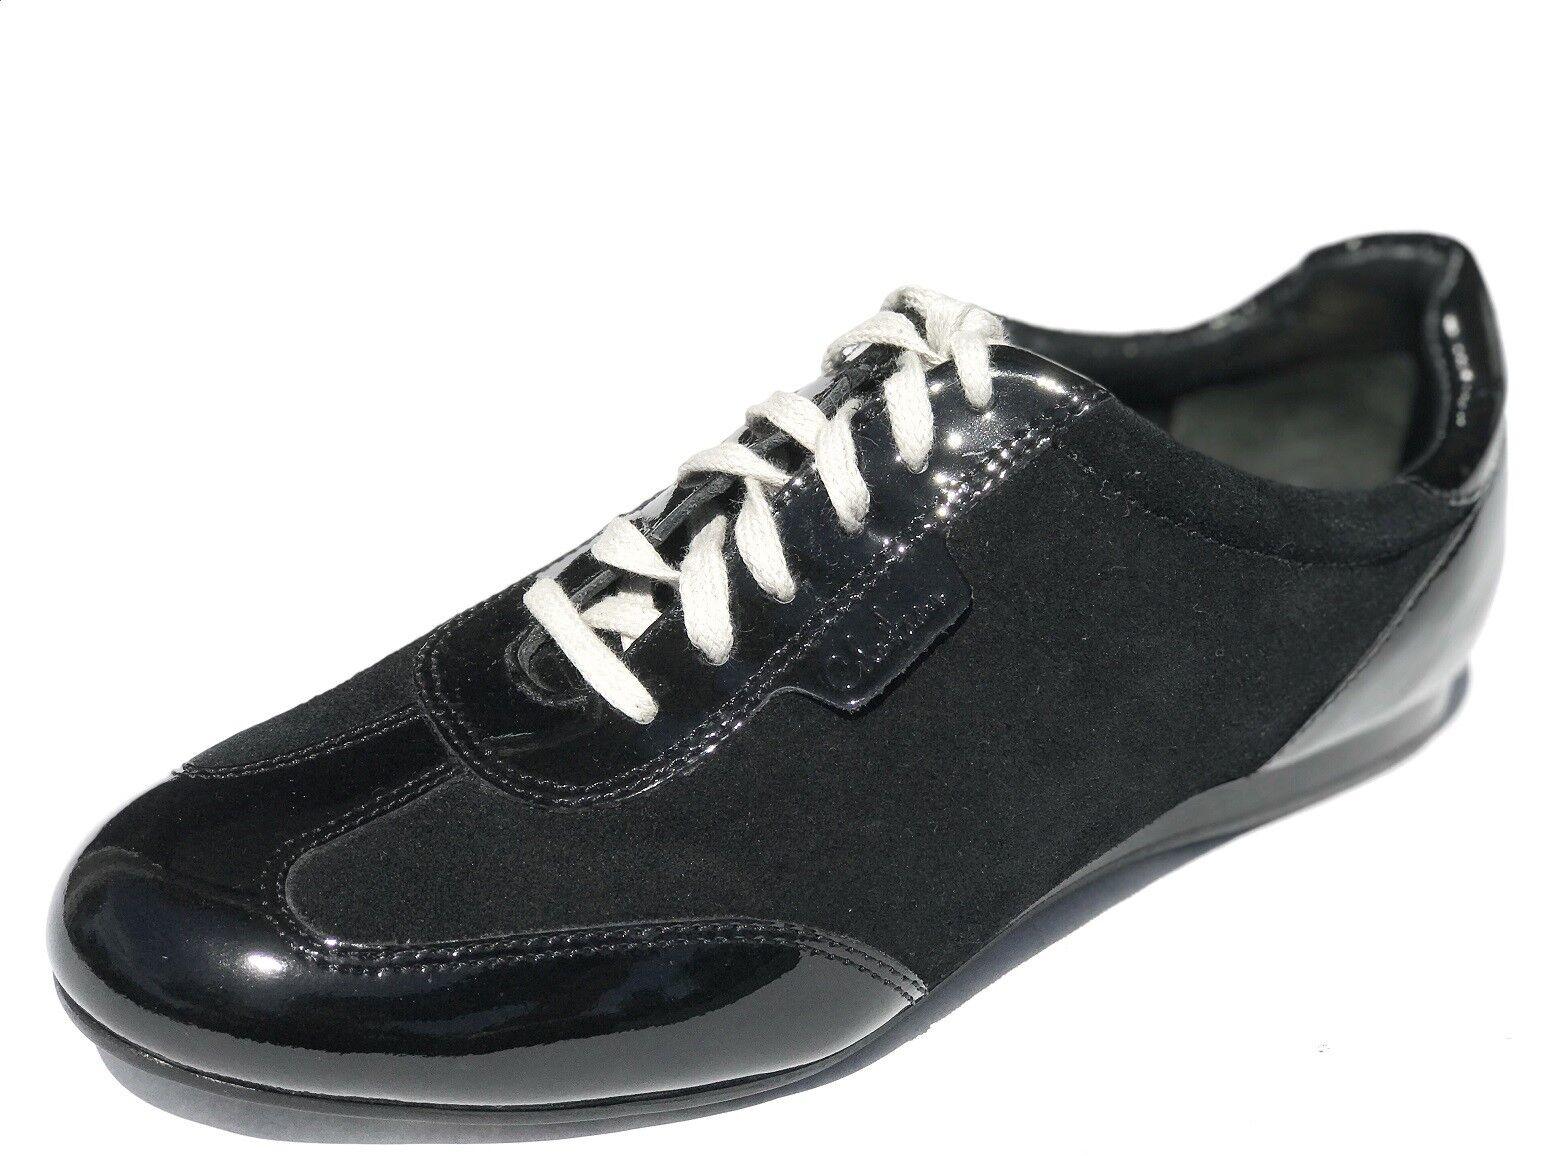 Cole Haan Aire para mujer Oxford Tenis Zapatos Negro Negro Negro Tali 9 Nuevo En Caja  más orden